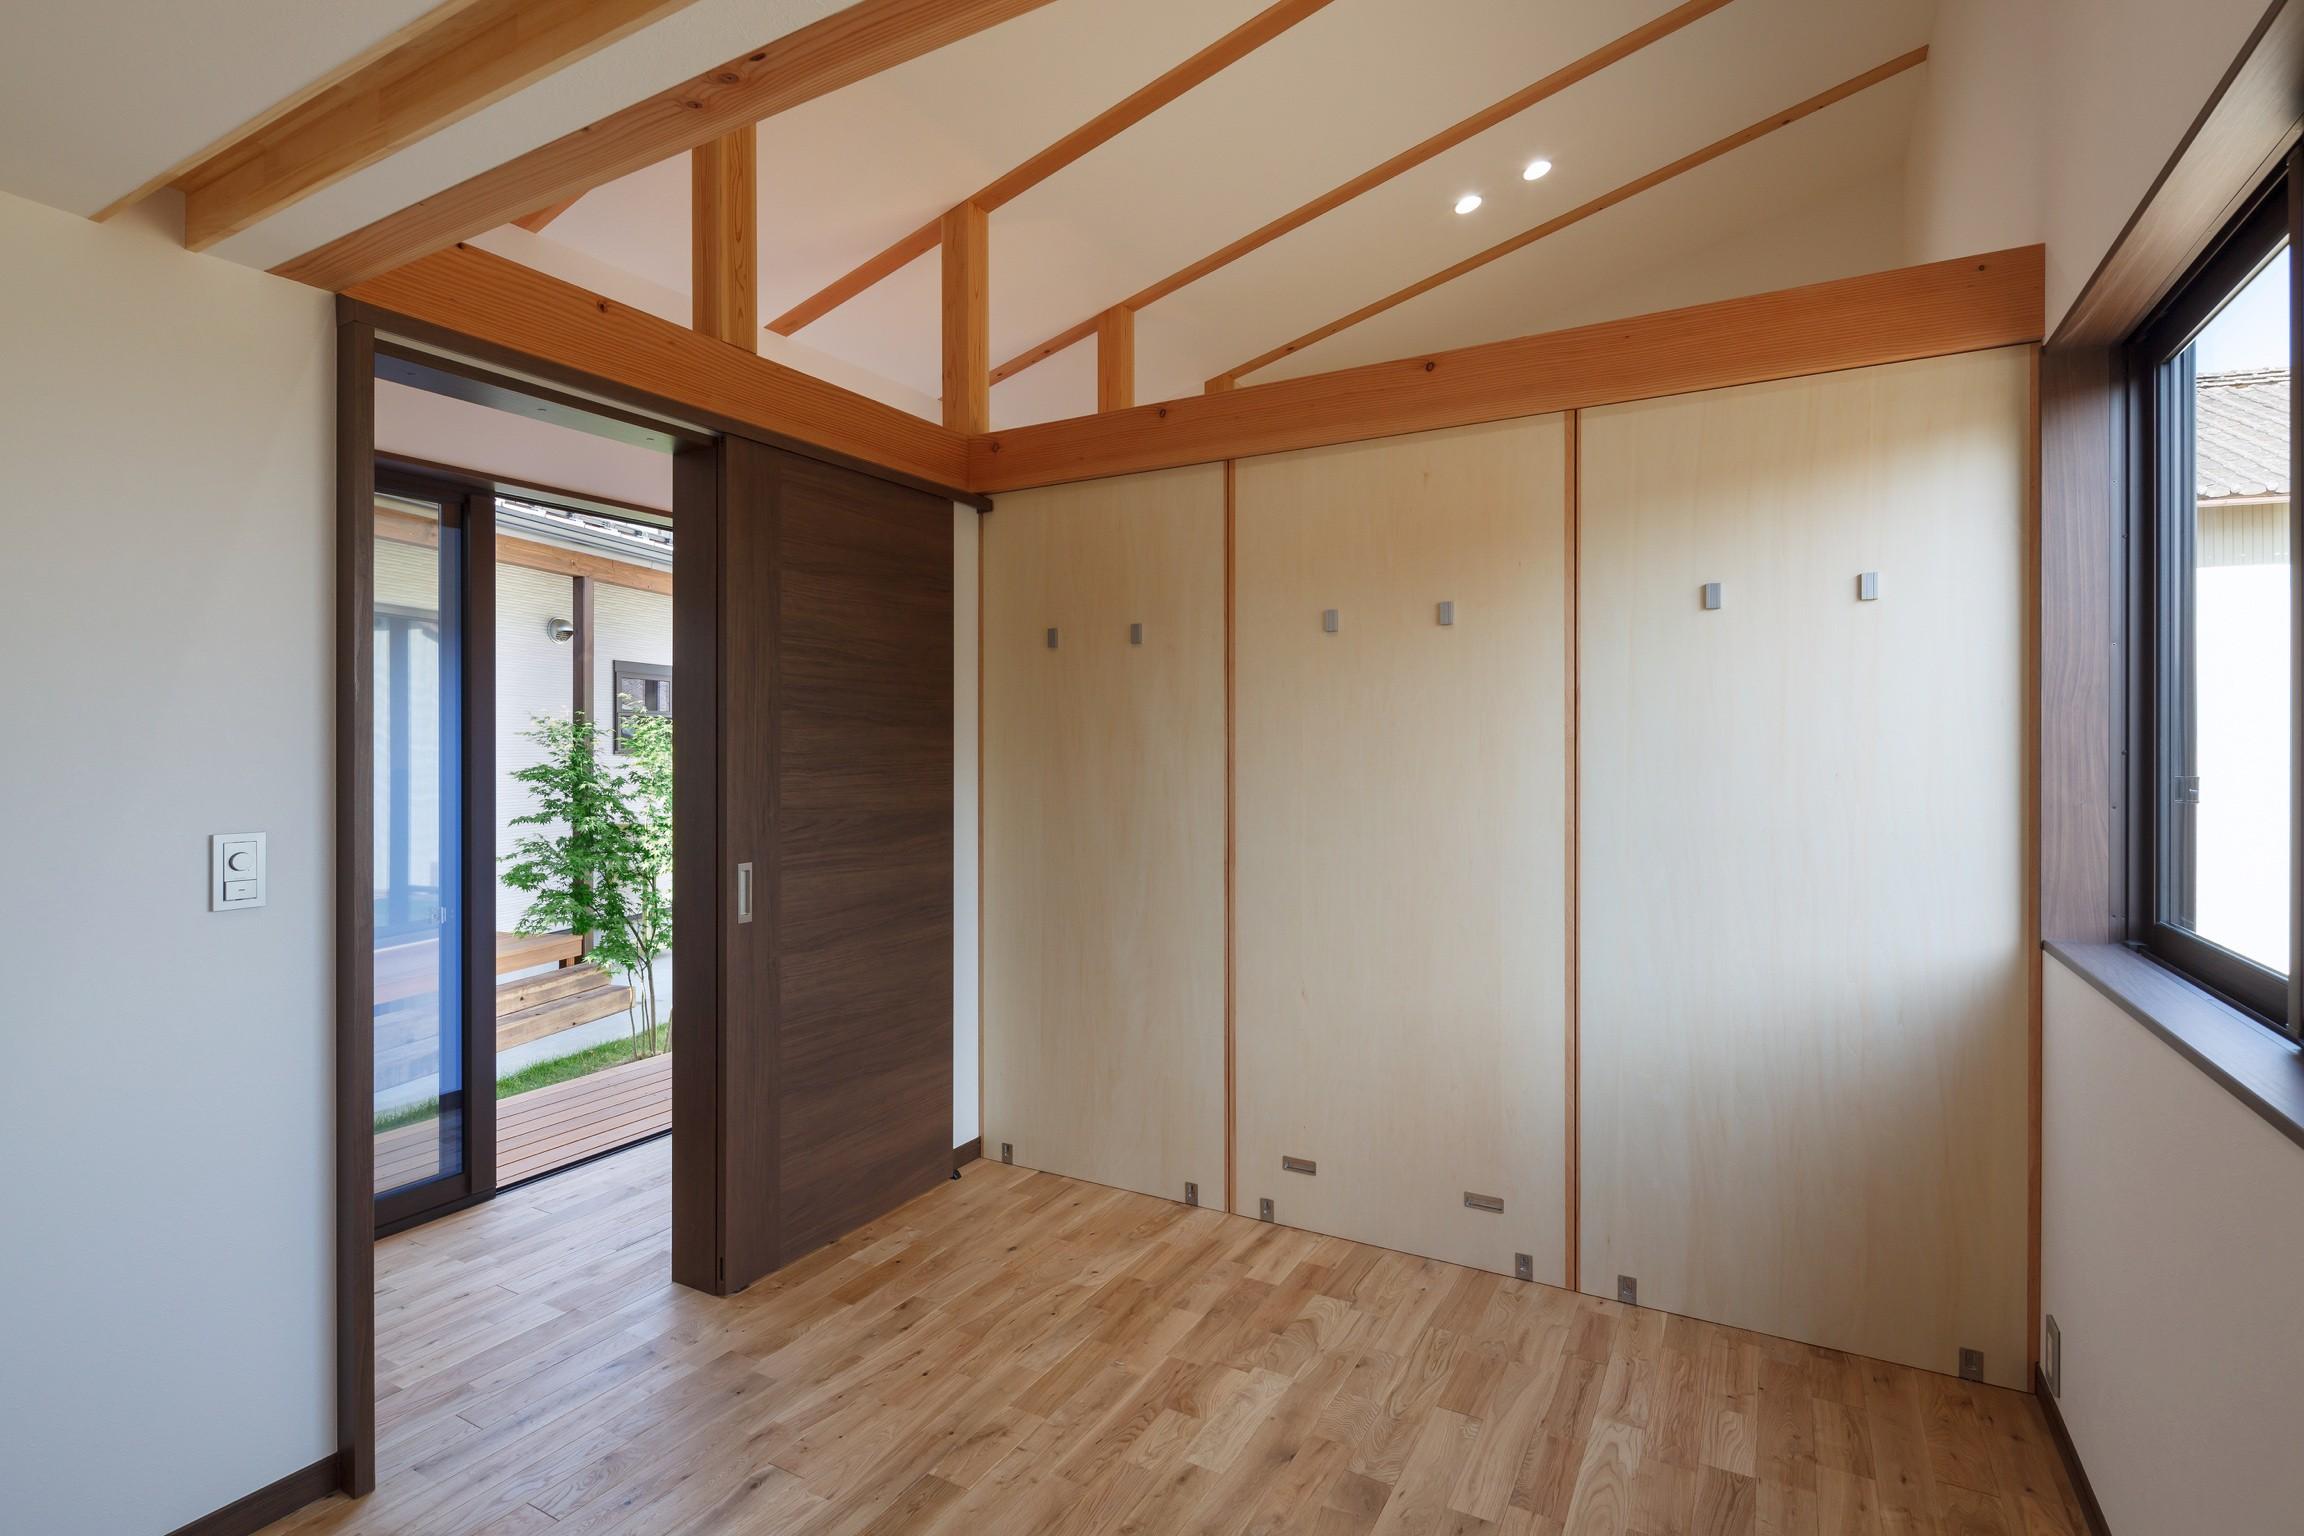 子供部屋事例:子供部屋(間仕切り)(須賀川・今泉のリノベーション)